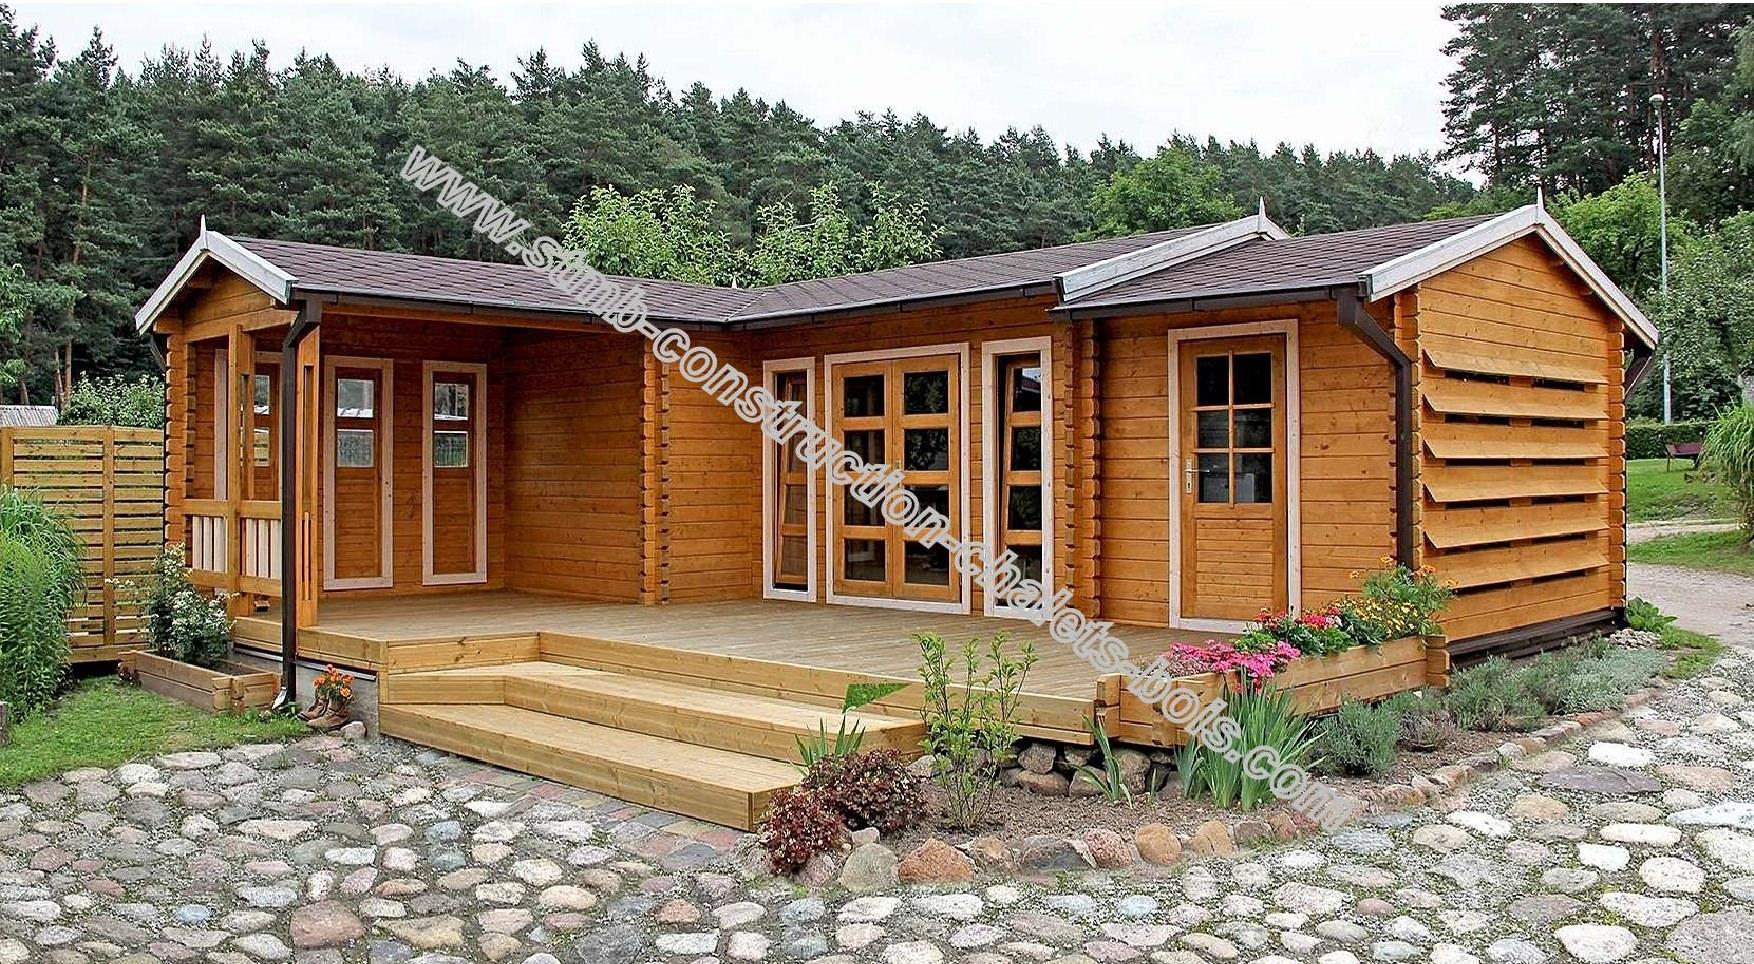 Maison En Bois En Kit 70M2 - Le Meilleur Des Maisons Bois En ... destiné Bungalow Bois En Kit